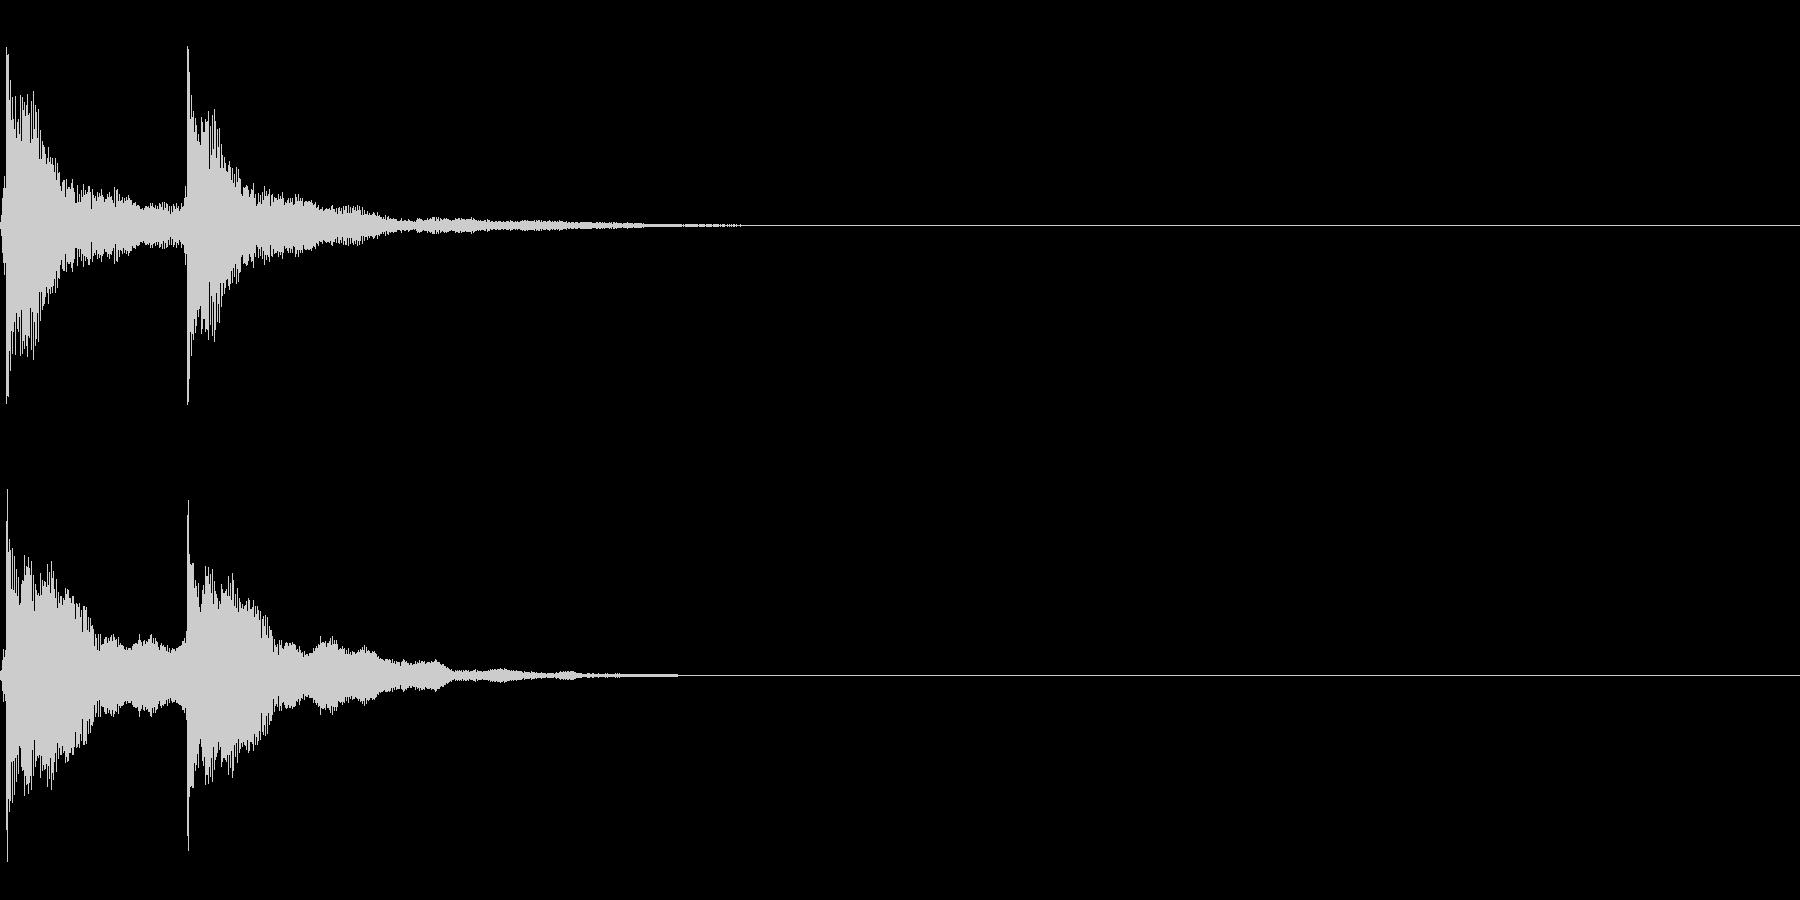 三味線/和風/システム音/B-4の未再生の波形